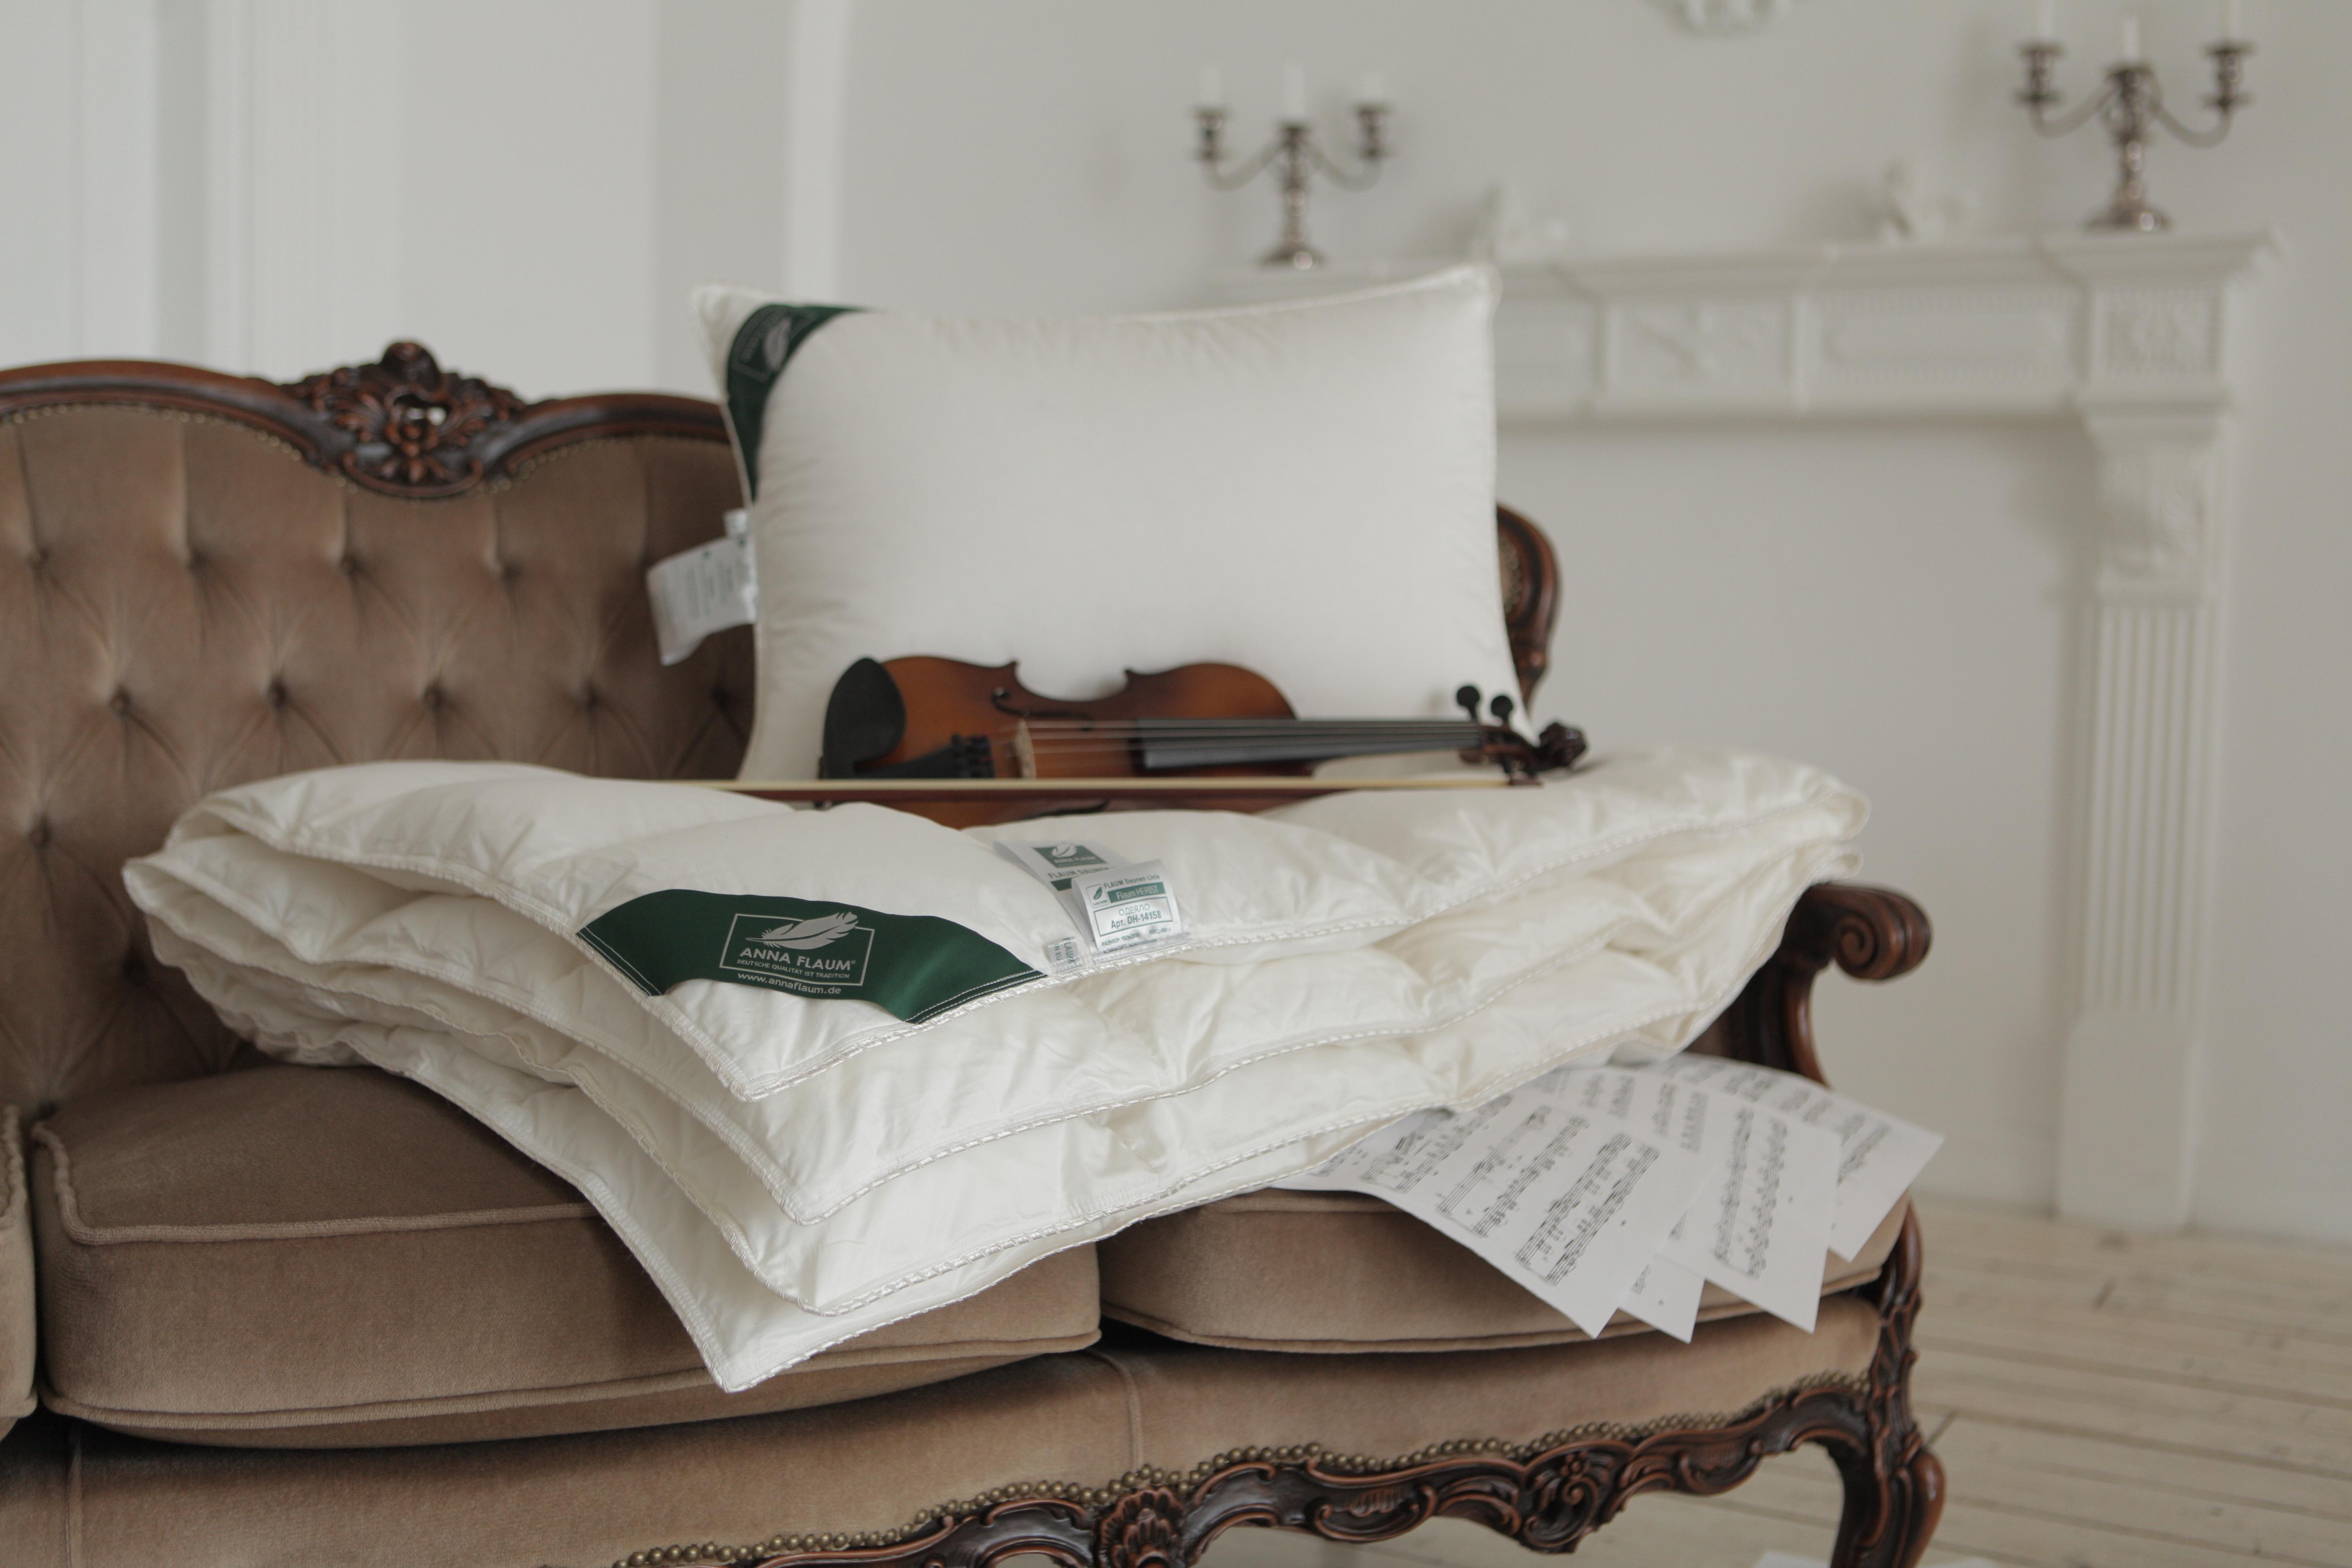 Одеяла ANNA FLAUM Одеяло Herbst Всесезонное (150х200 см) одеяла anna flaum одеяло flaum herbst 150х200 всесезонное